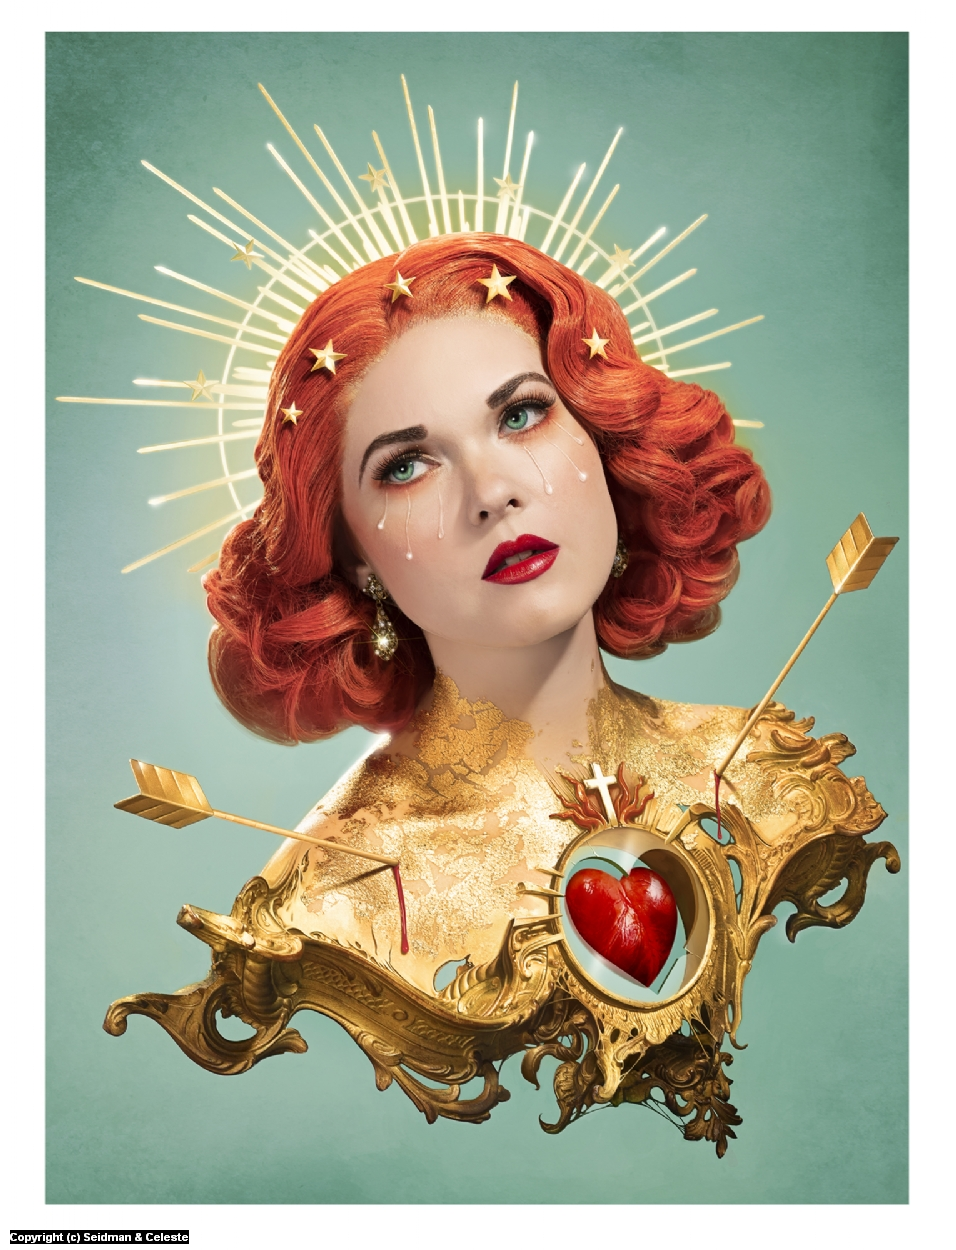 Everlasting Heartache Artwork by Celeste Giuliano